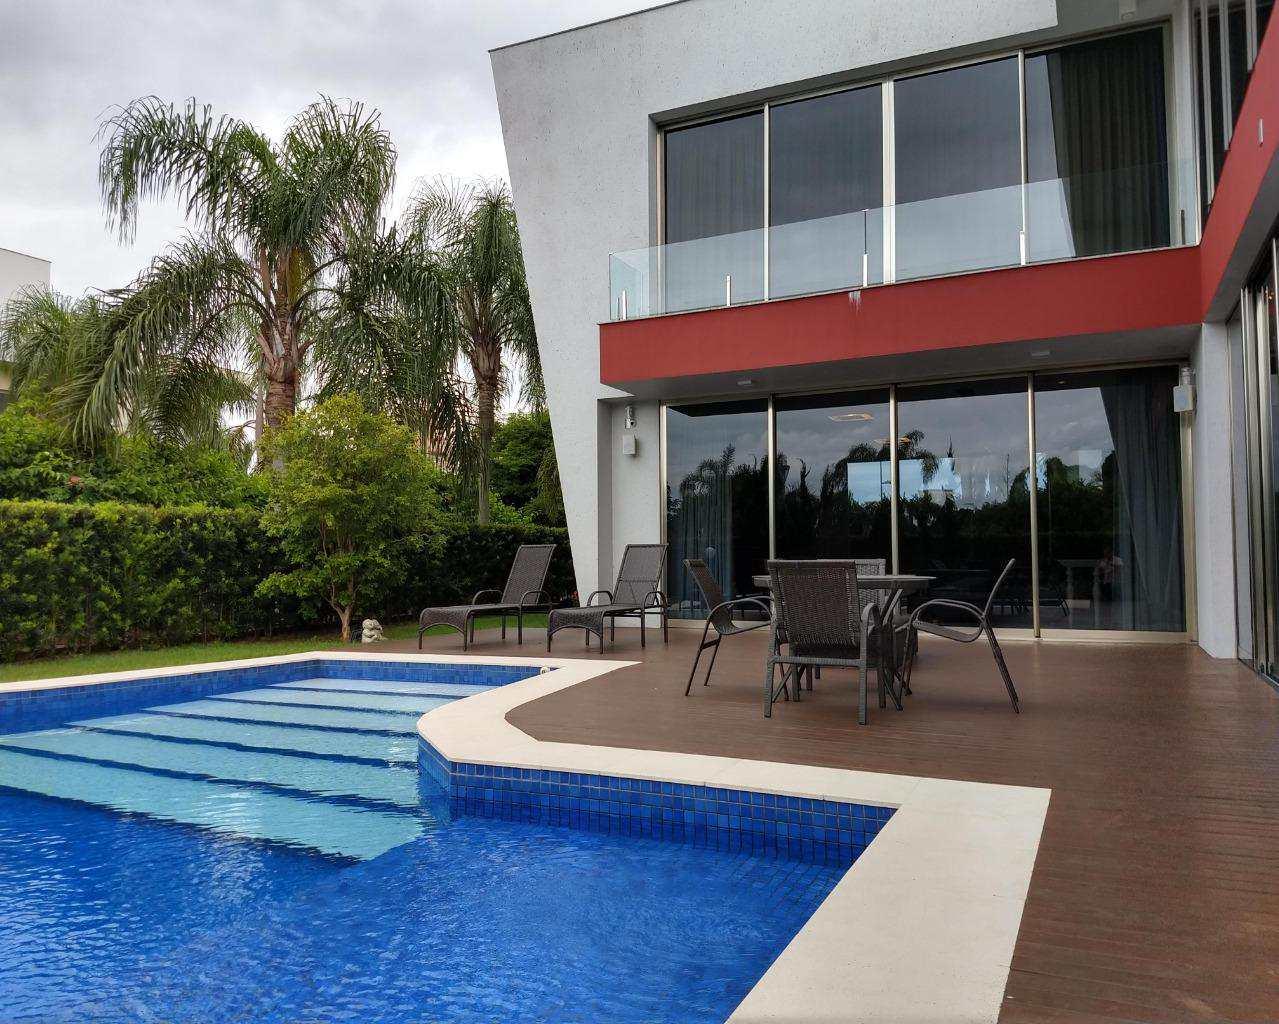 Casa com 5 quartos em  Jurerê Internacional, Florianópolis